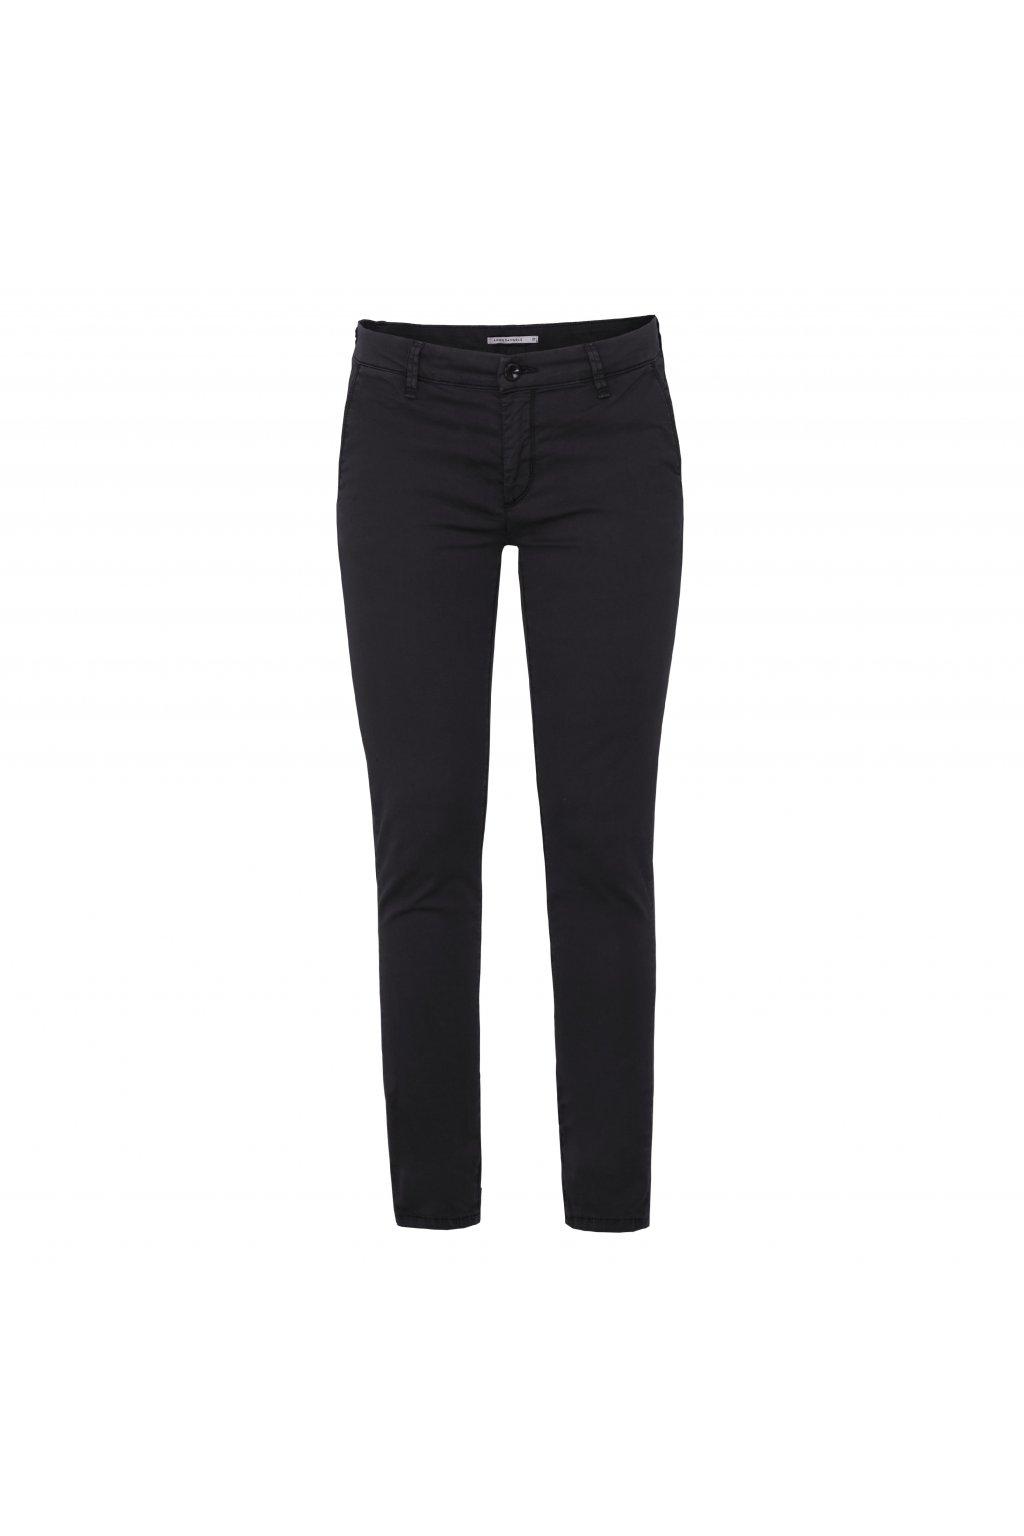 """Dámské černé chino kalhoty """"Jules"""" (Velikost 25/32)"""